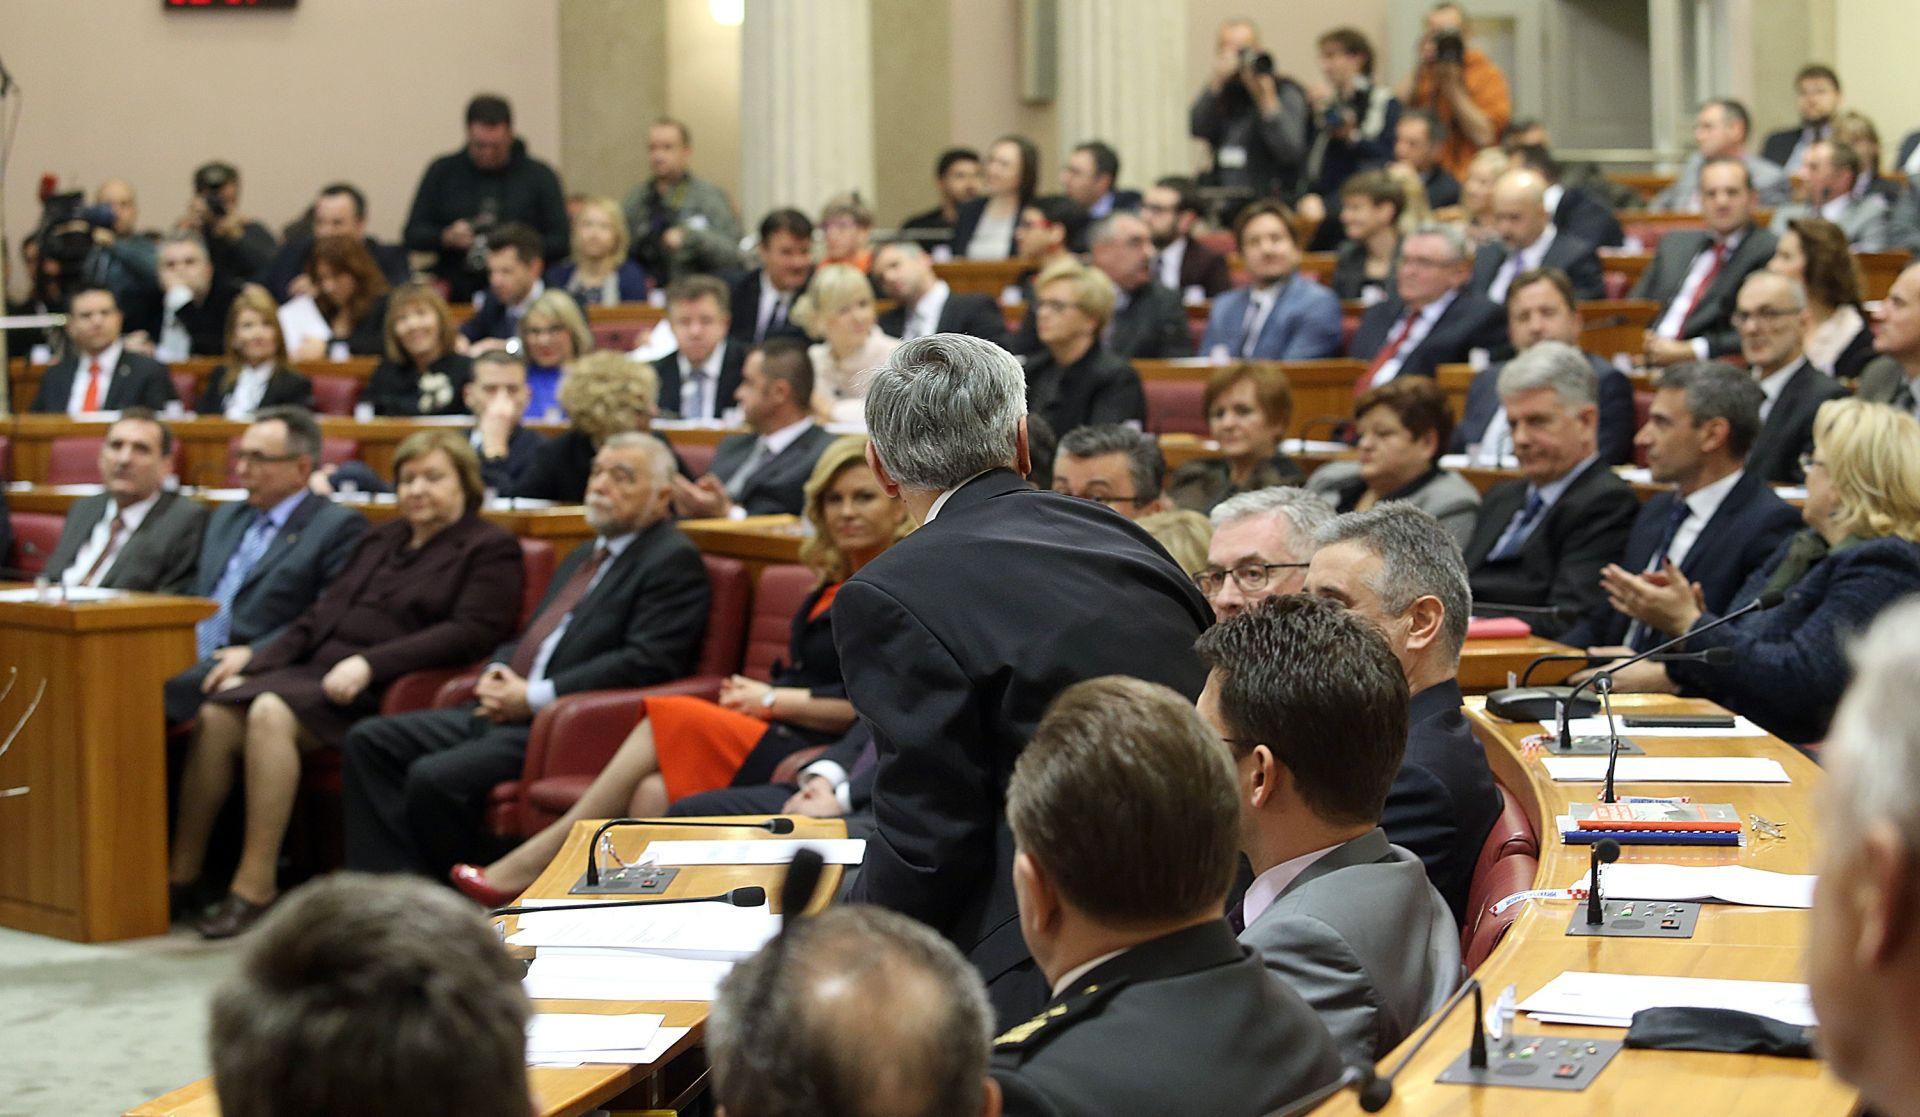 PRVA REDOVNA SJEDNICA Sabor: Potvrđivanje Vlade, odbori i 25 izvješća